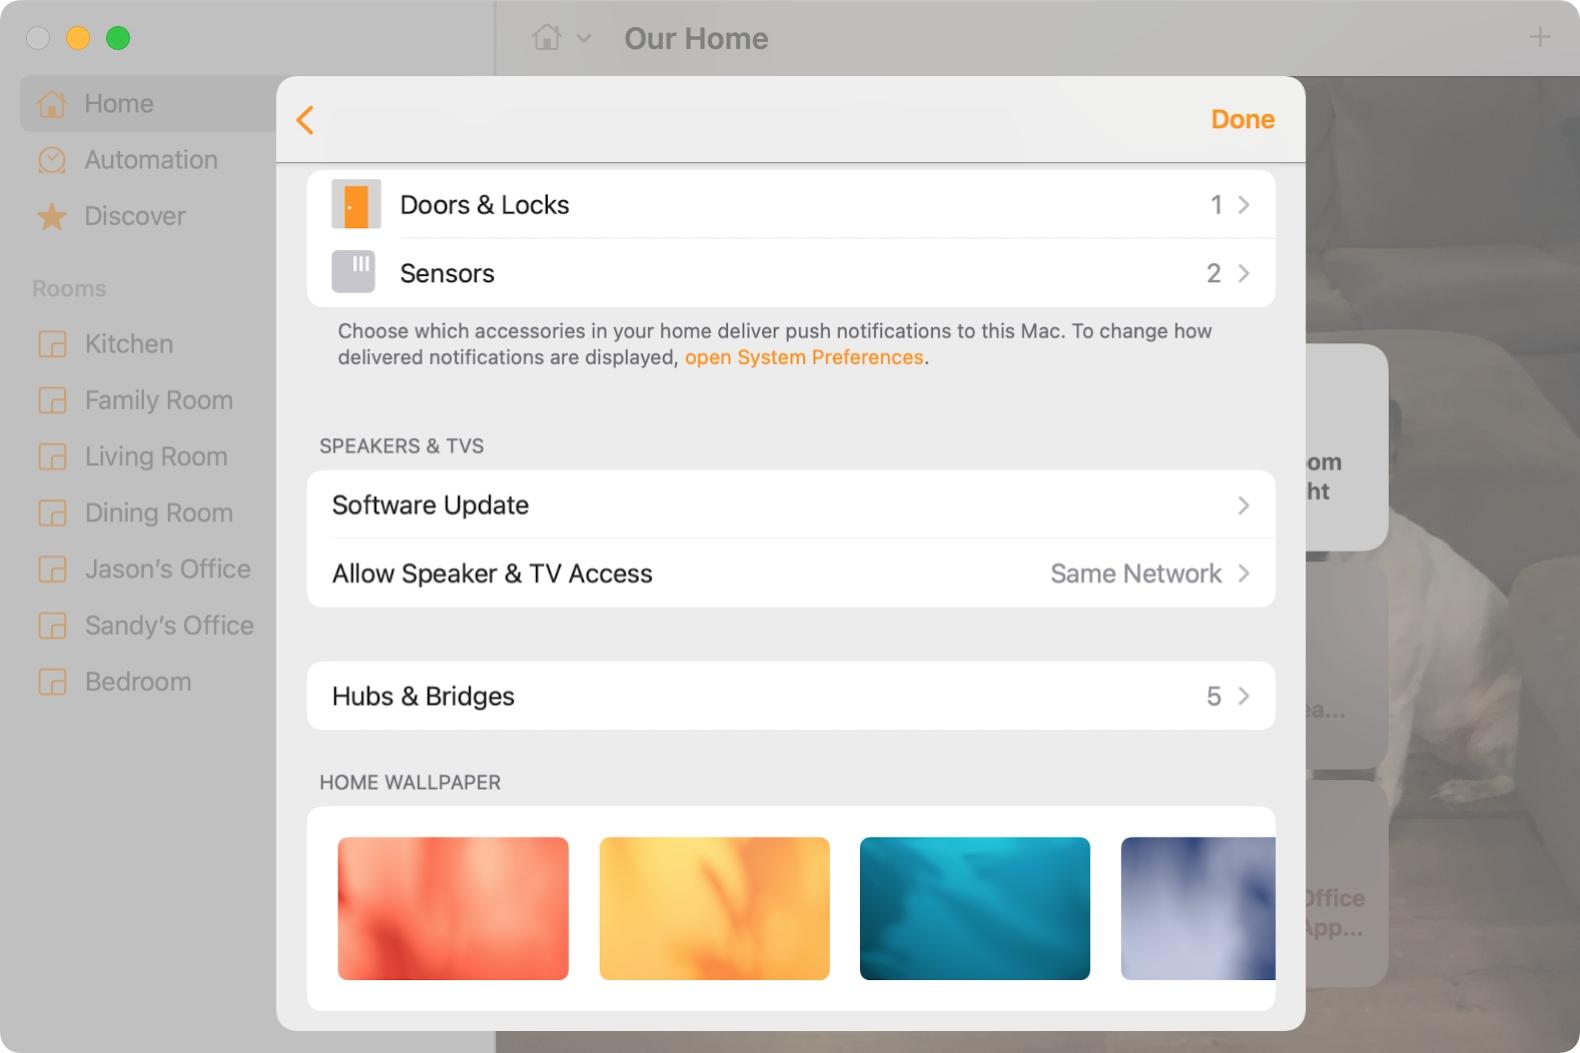 Home Settings in Home on Mac